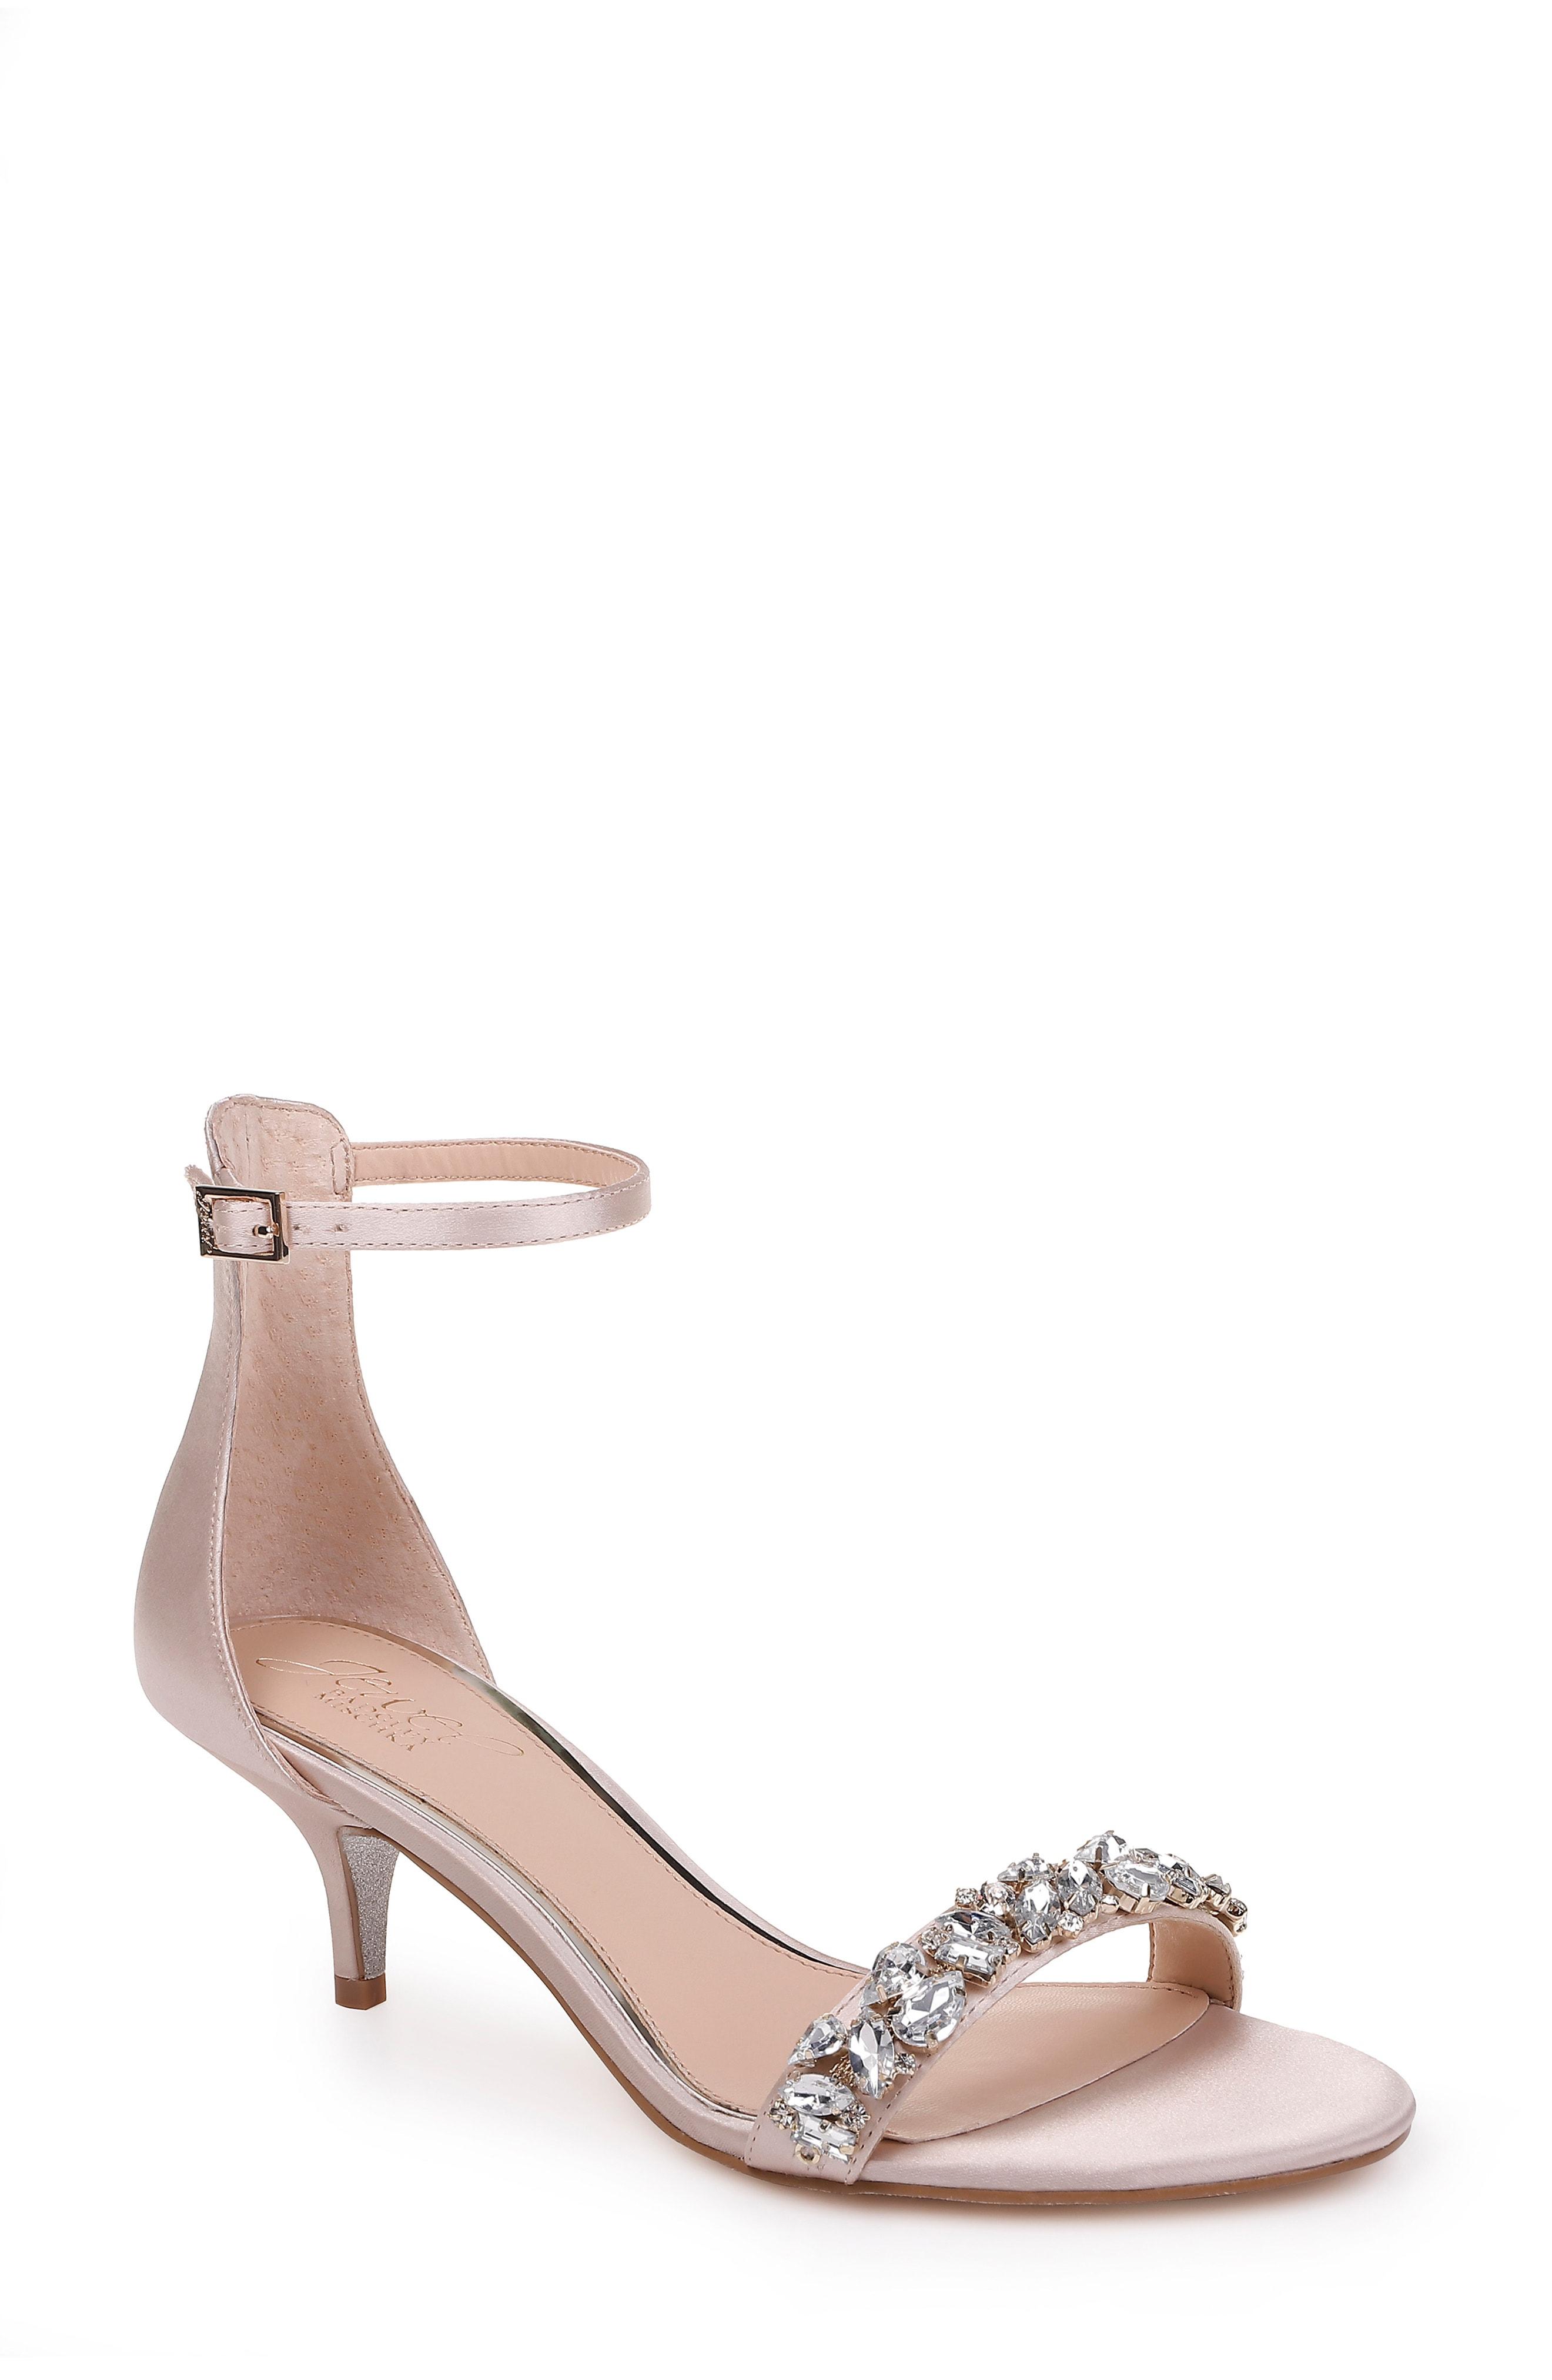 Women's Kitten Heel Wedding Shoes | Nordstrom